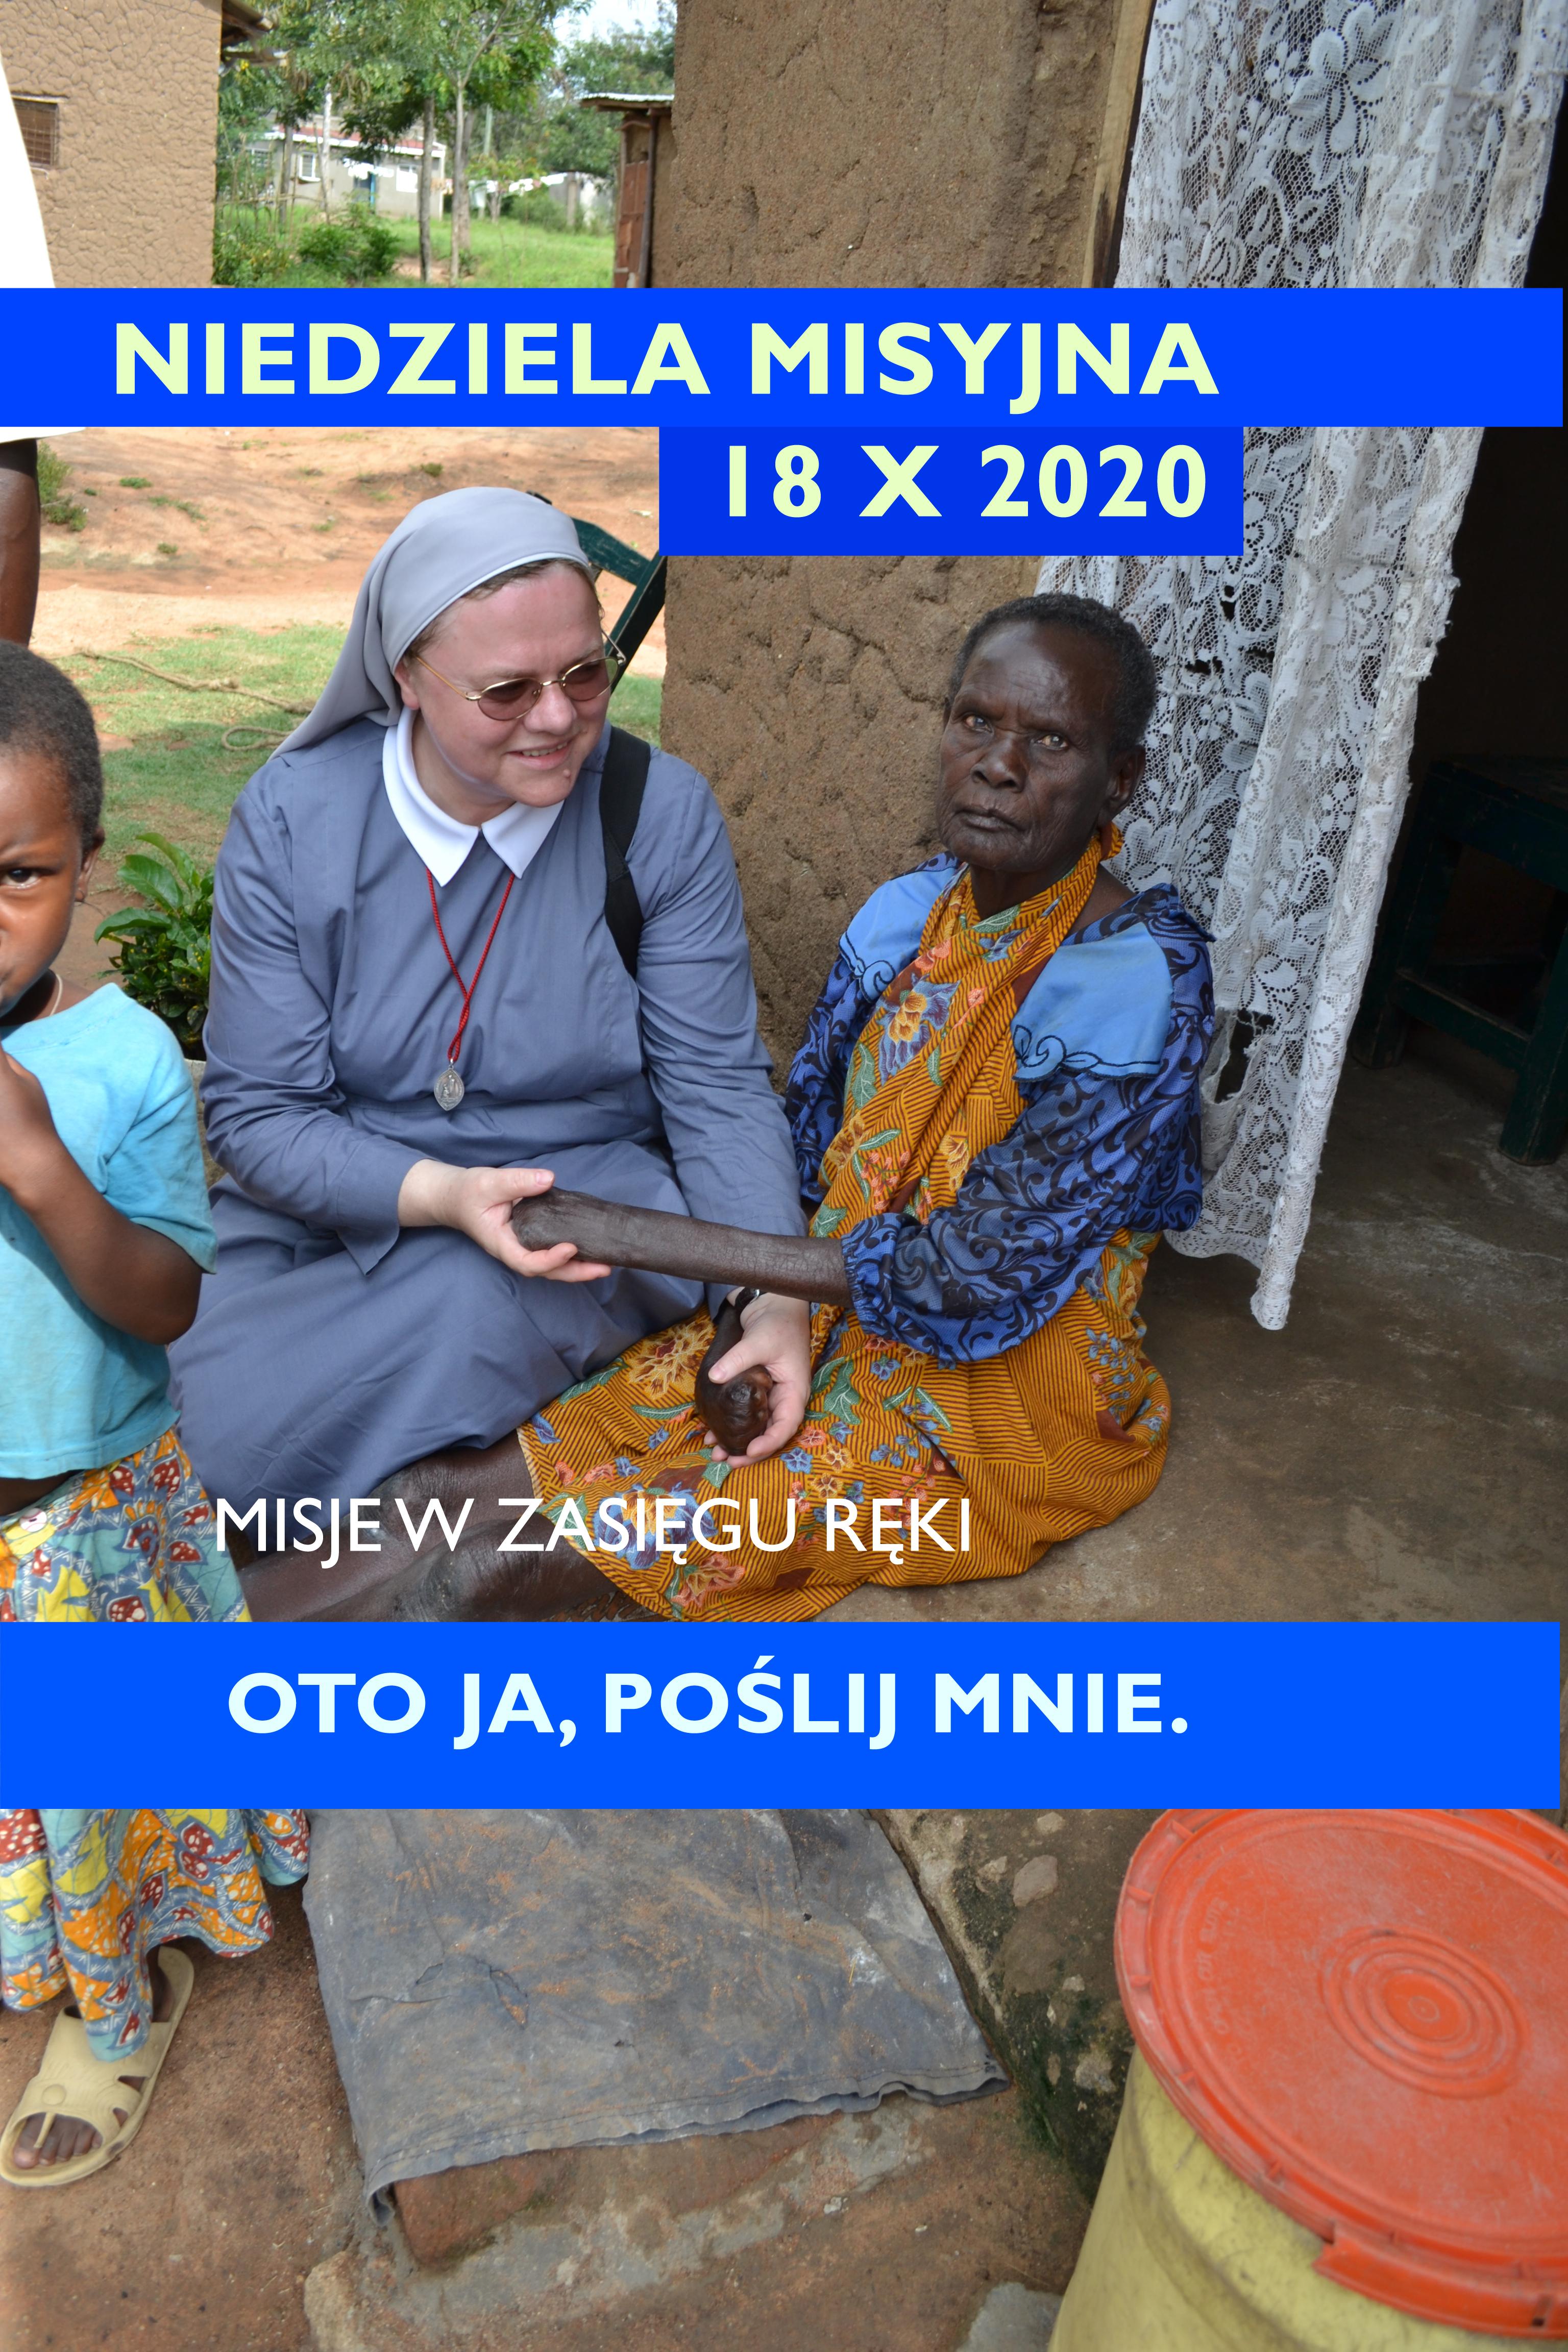 NIEDZIELA MISYJNA 18 X 2020 - Archidiecezja Krakowska